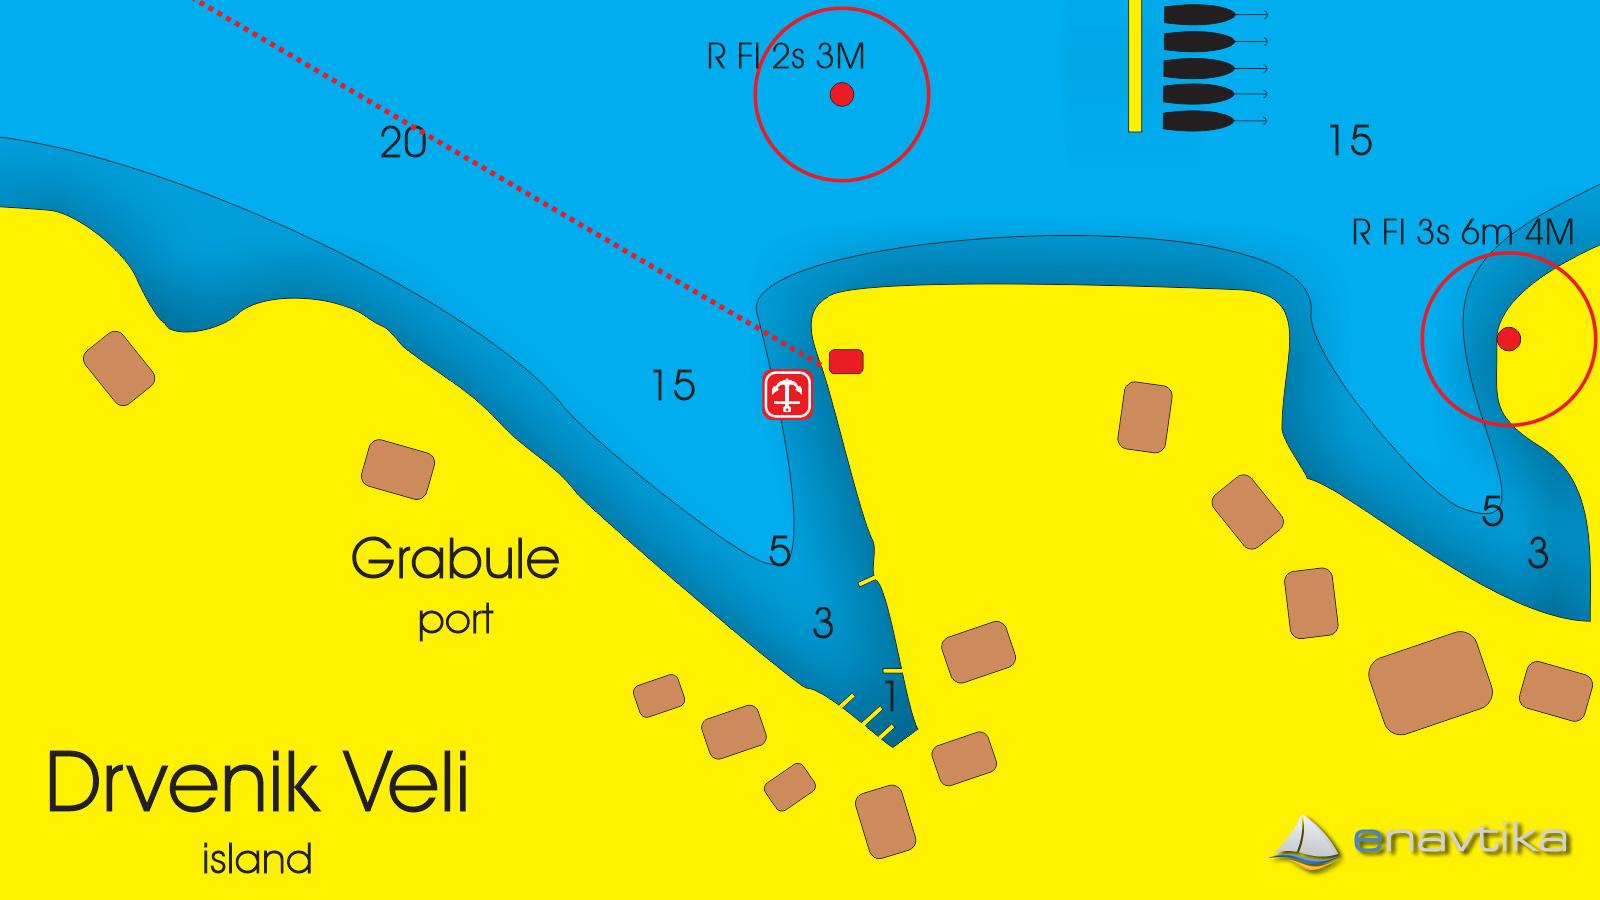 Slika Grabule 2